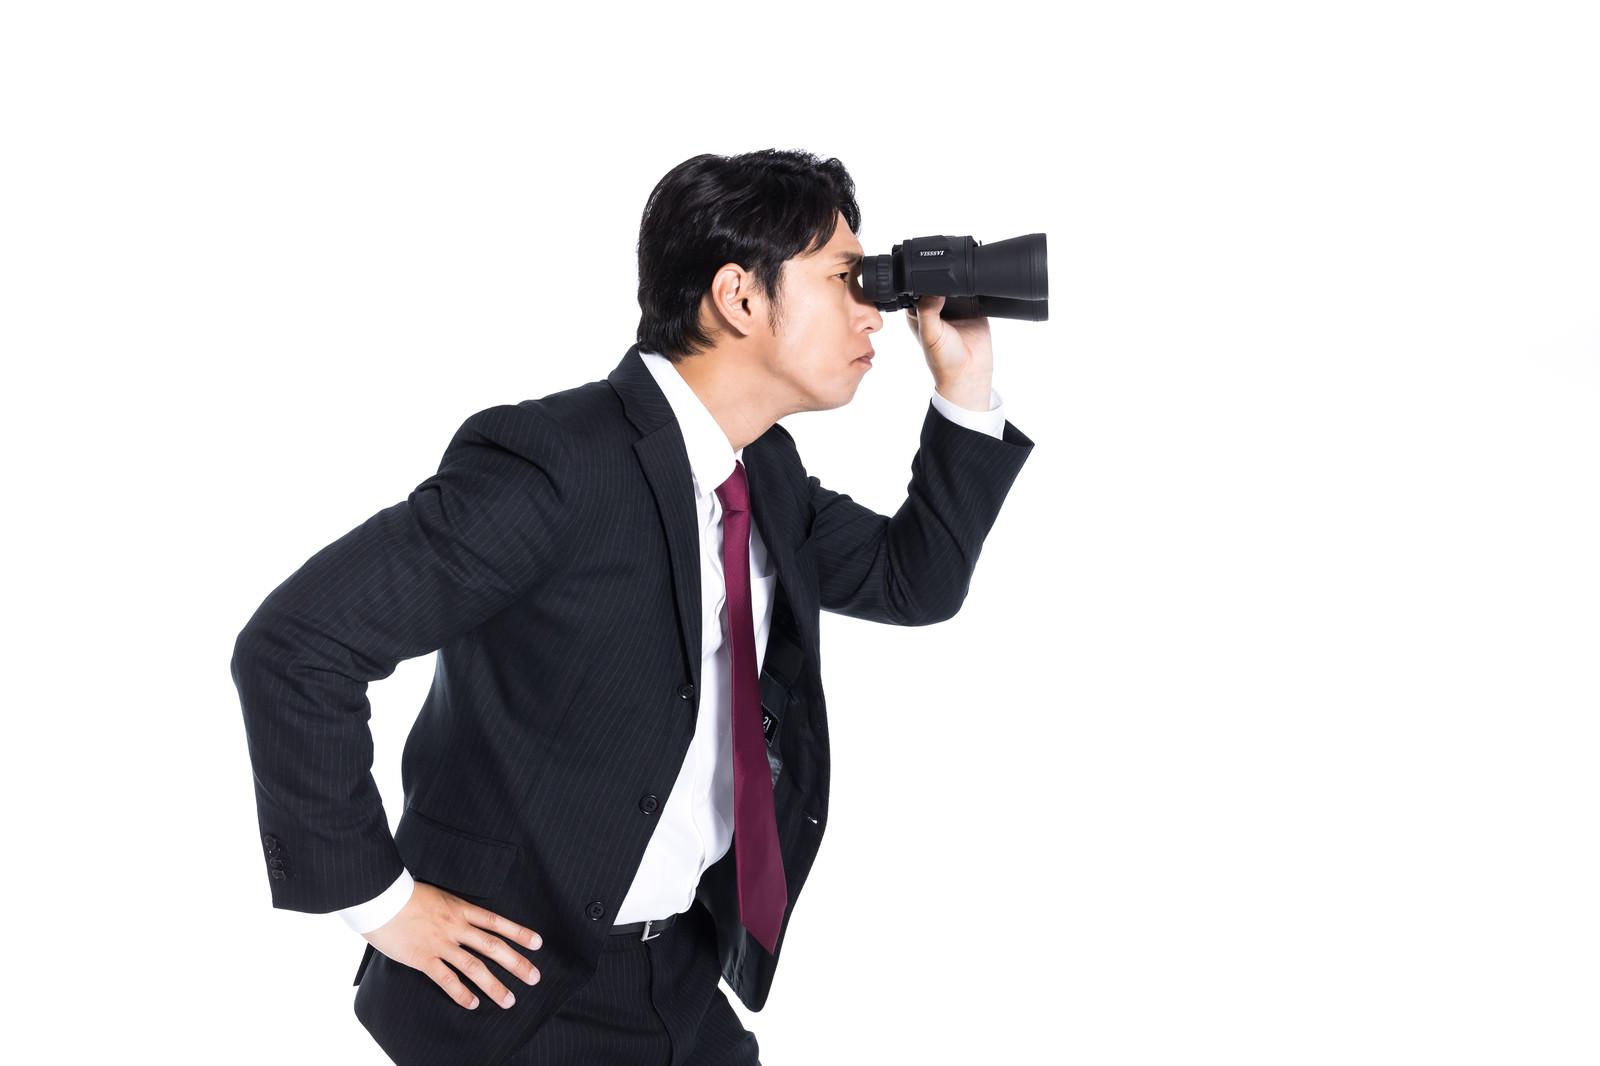 「双眼鏡を覗く会社員」の写真